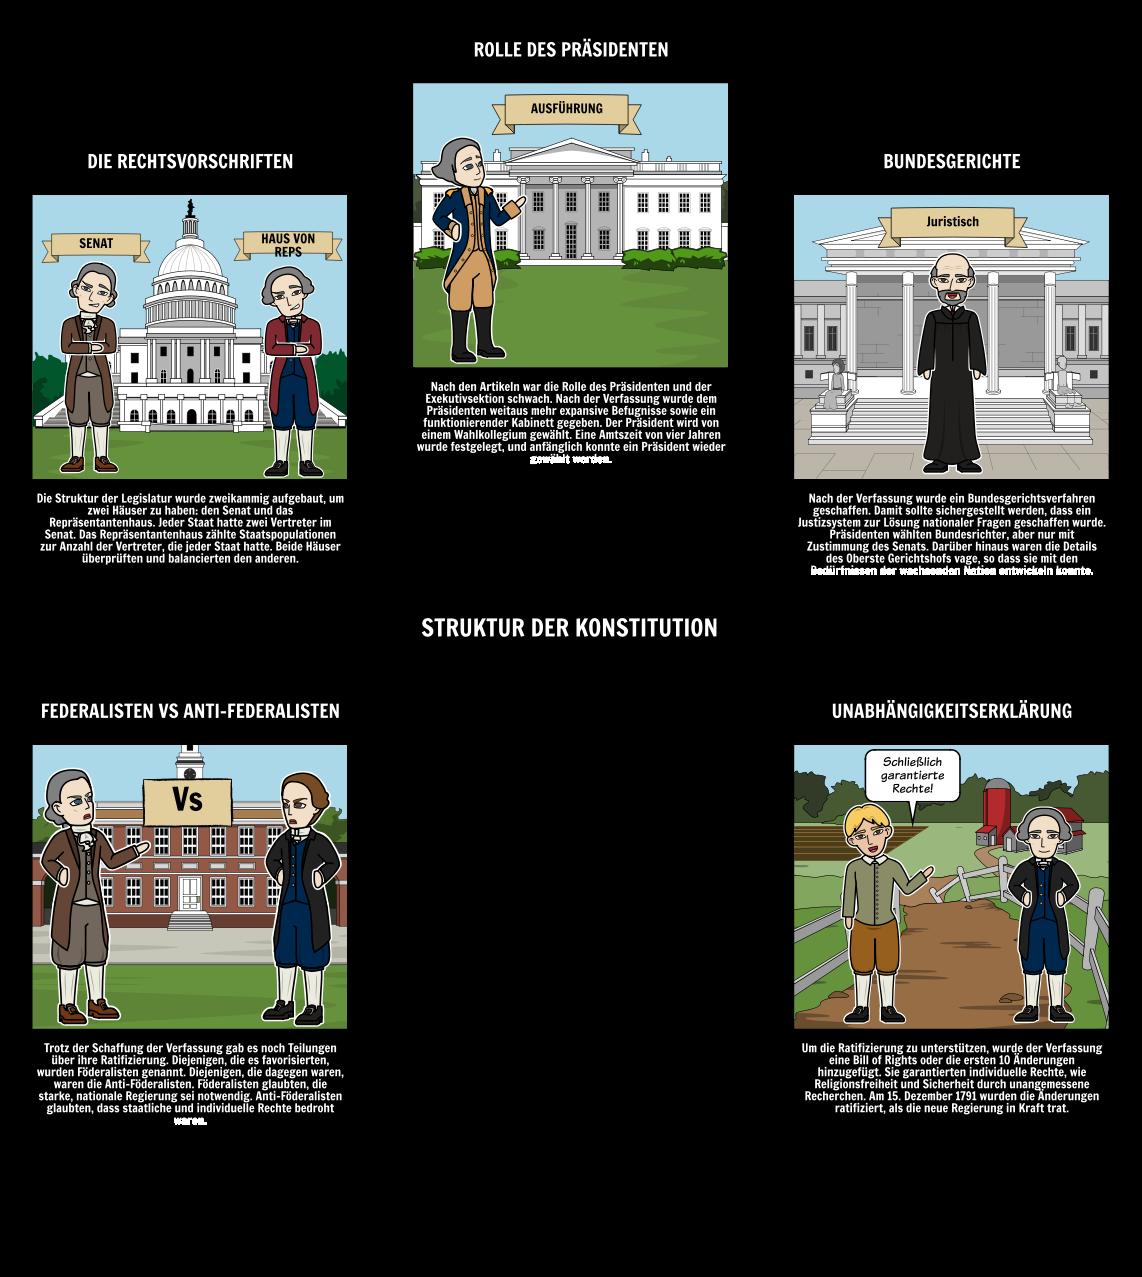 Föderalismus - Struktur der Verfassung